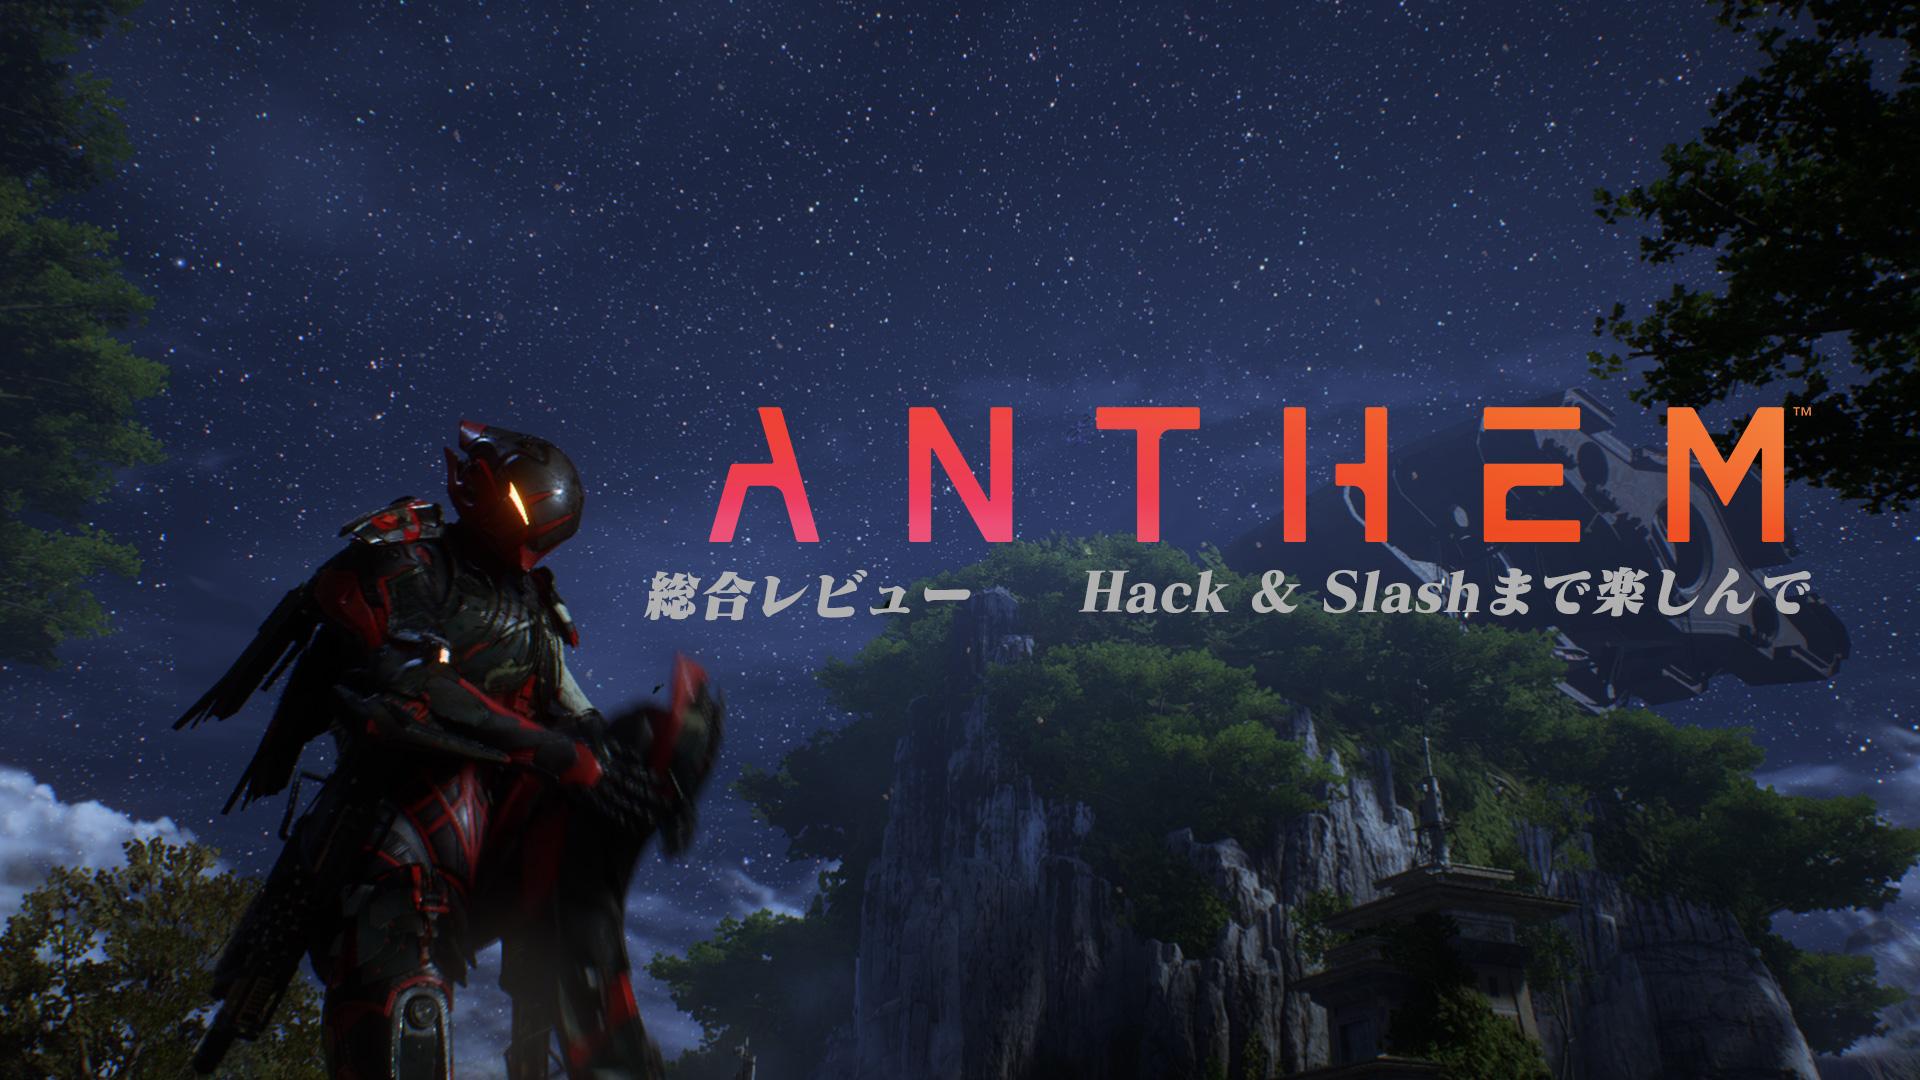 ANTHEM:総合レビュー【ハクスラまで楽しんで】